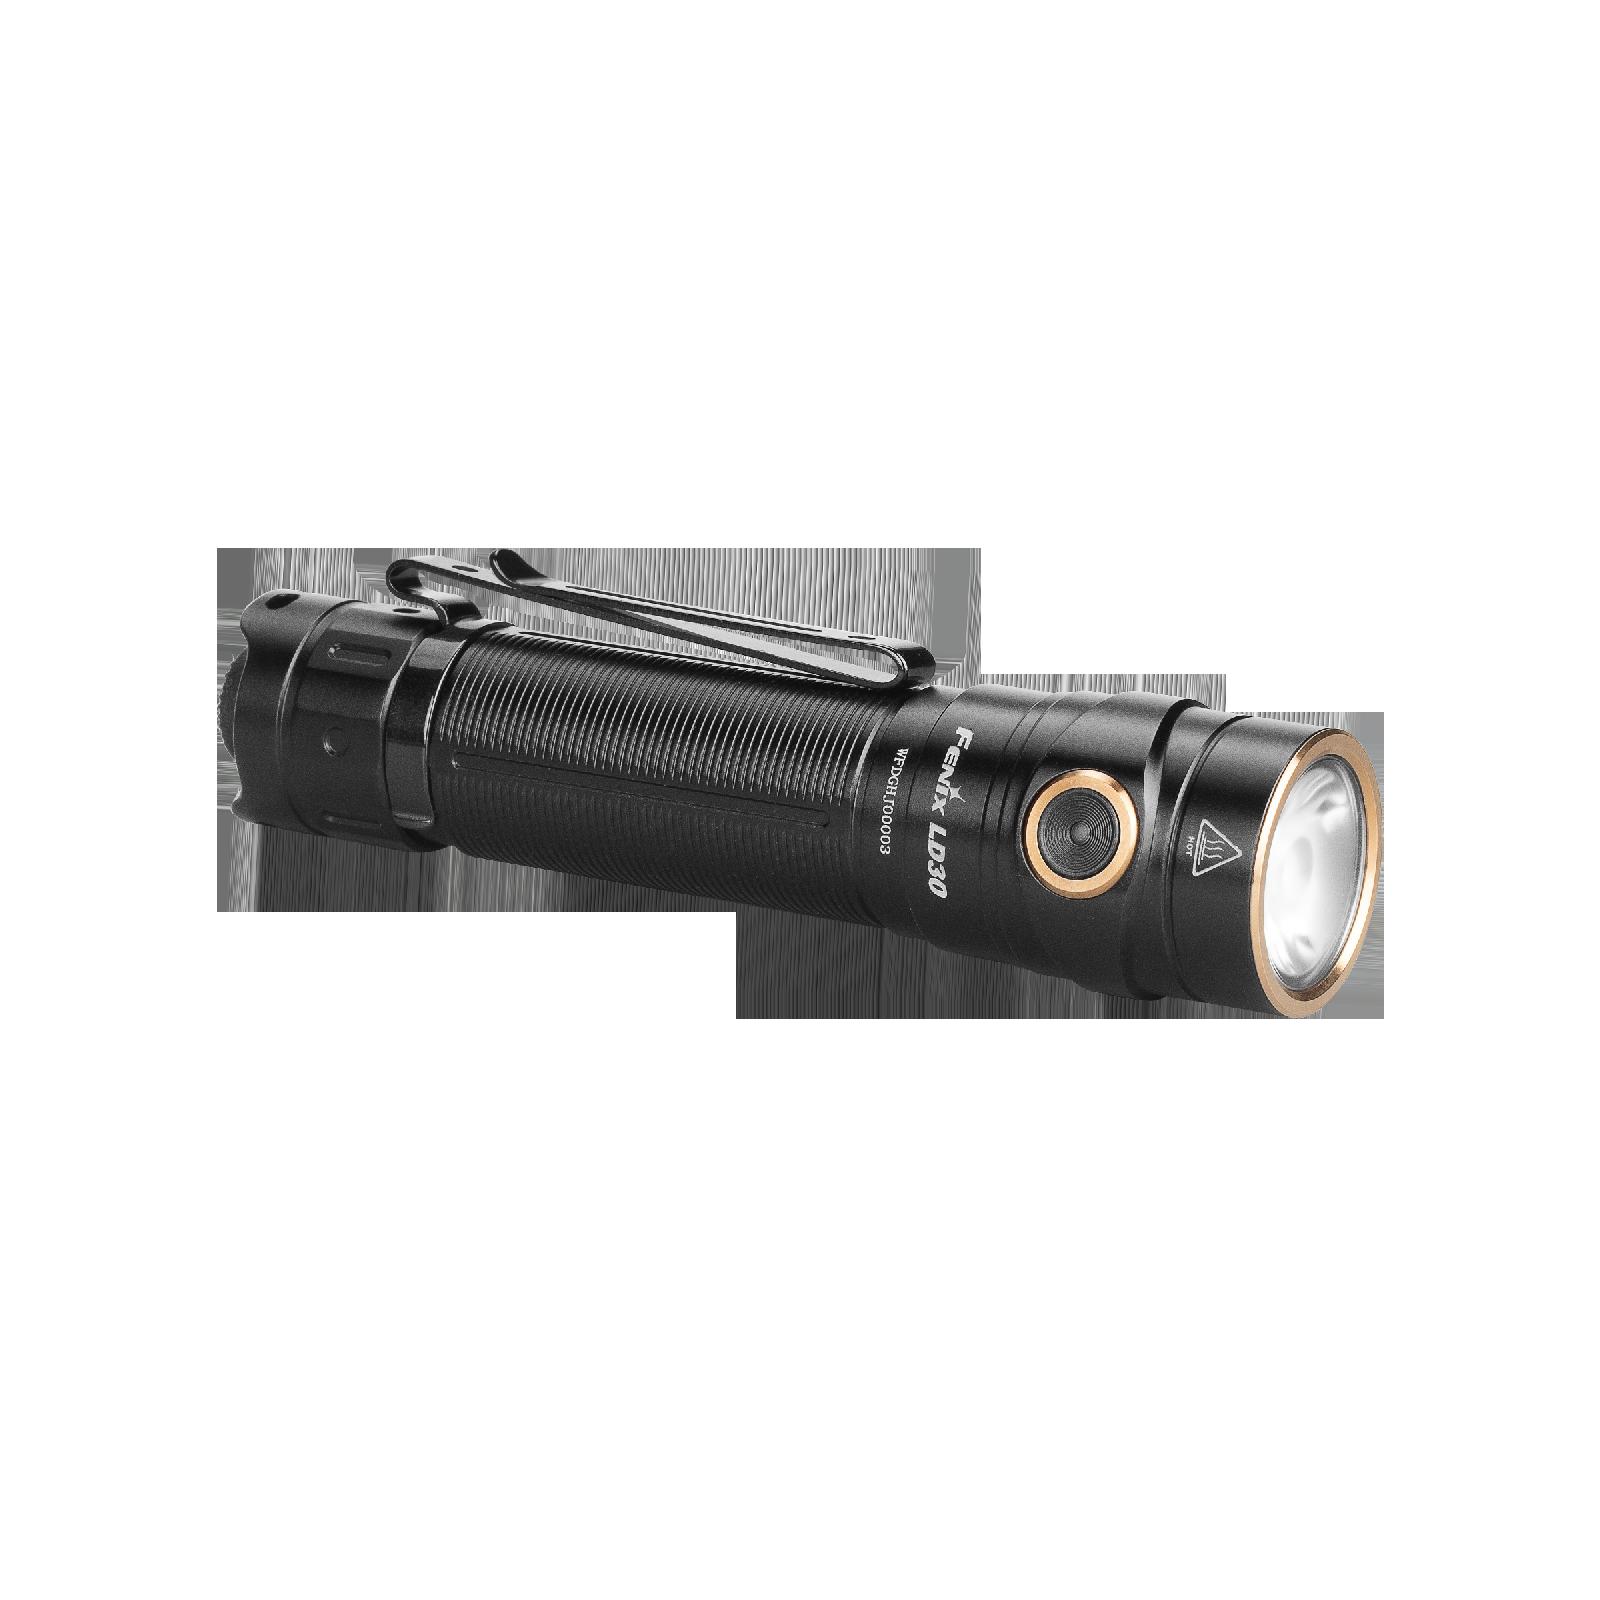 цена на Фонарь Fenix LD30 с аккумулятором (ARB-L18-3500U)